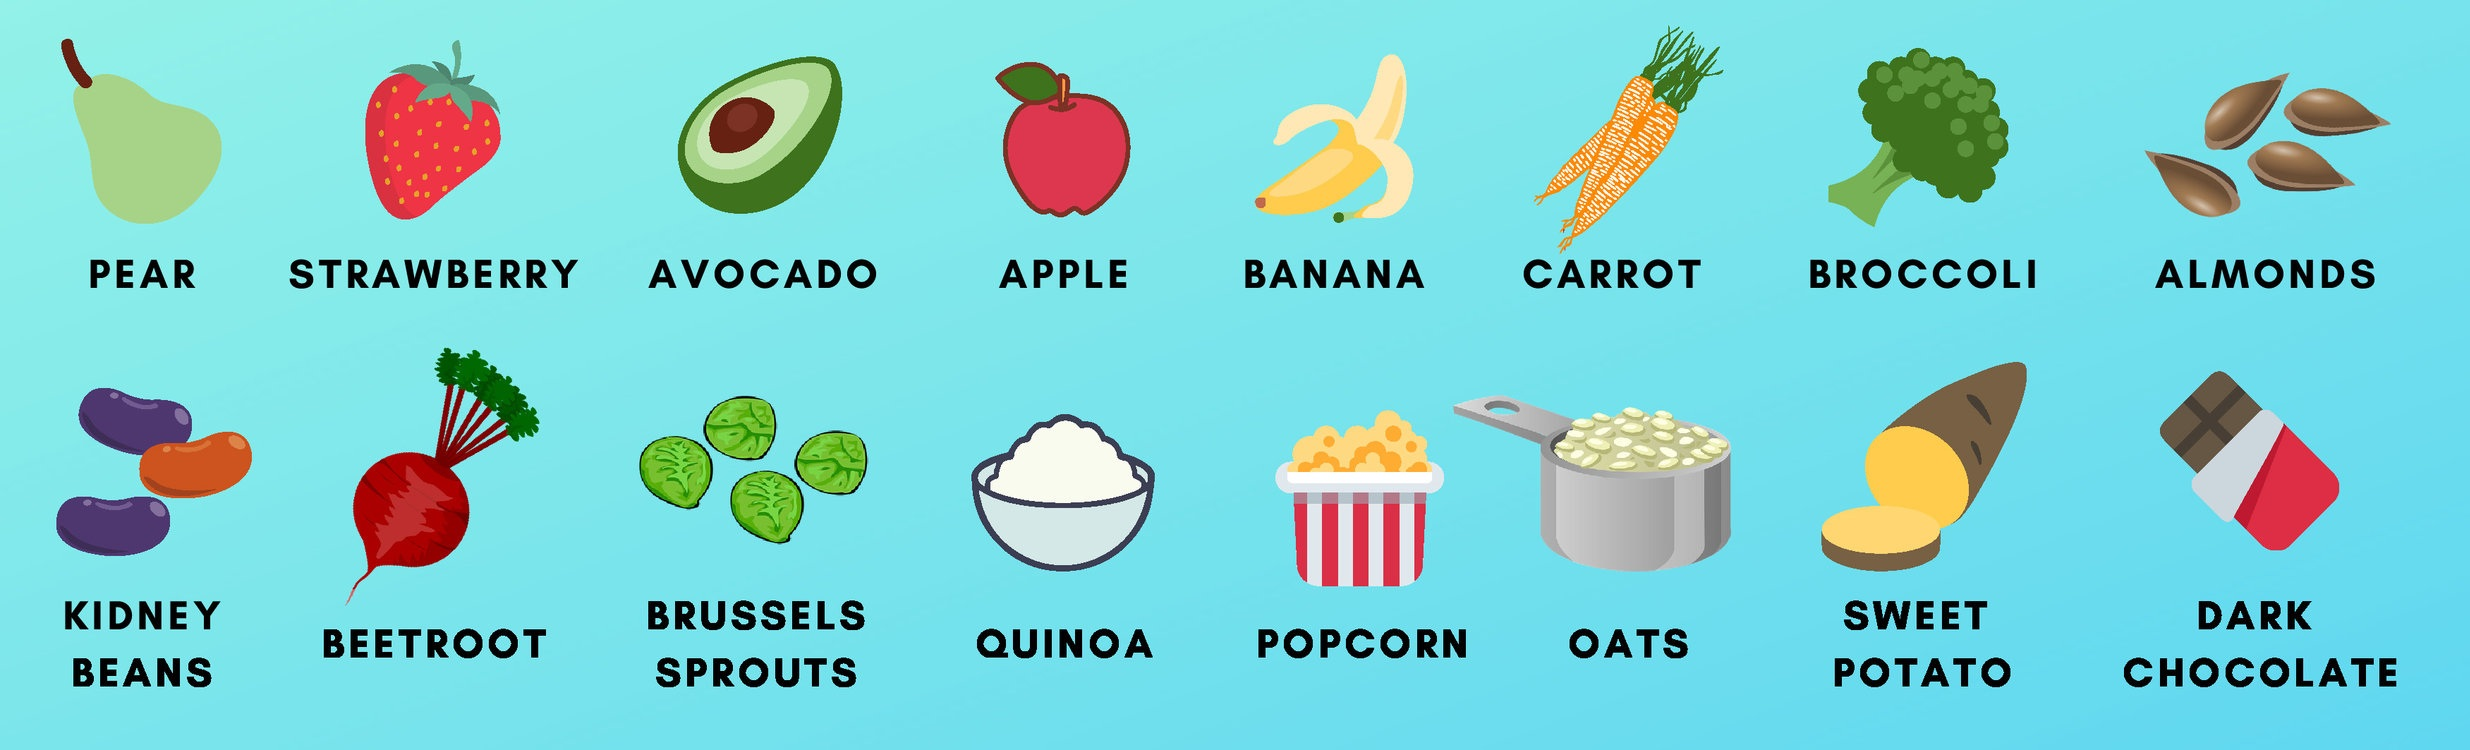 16 High-Fibre Foods